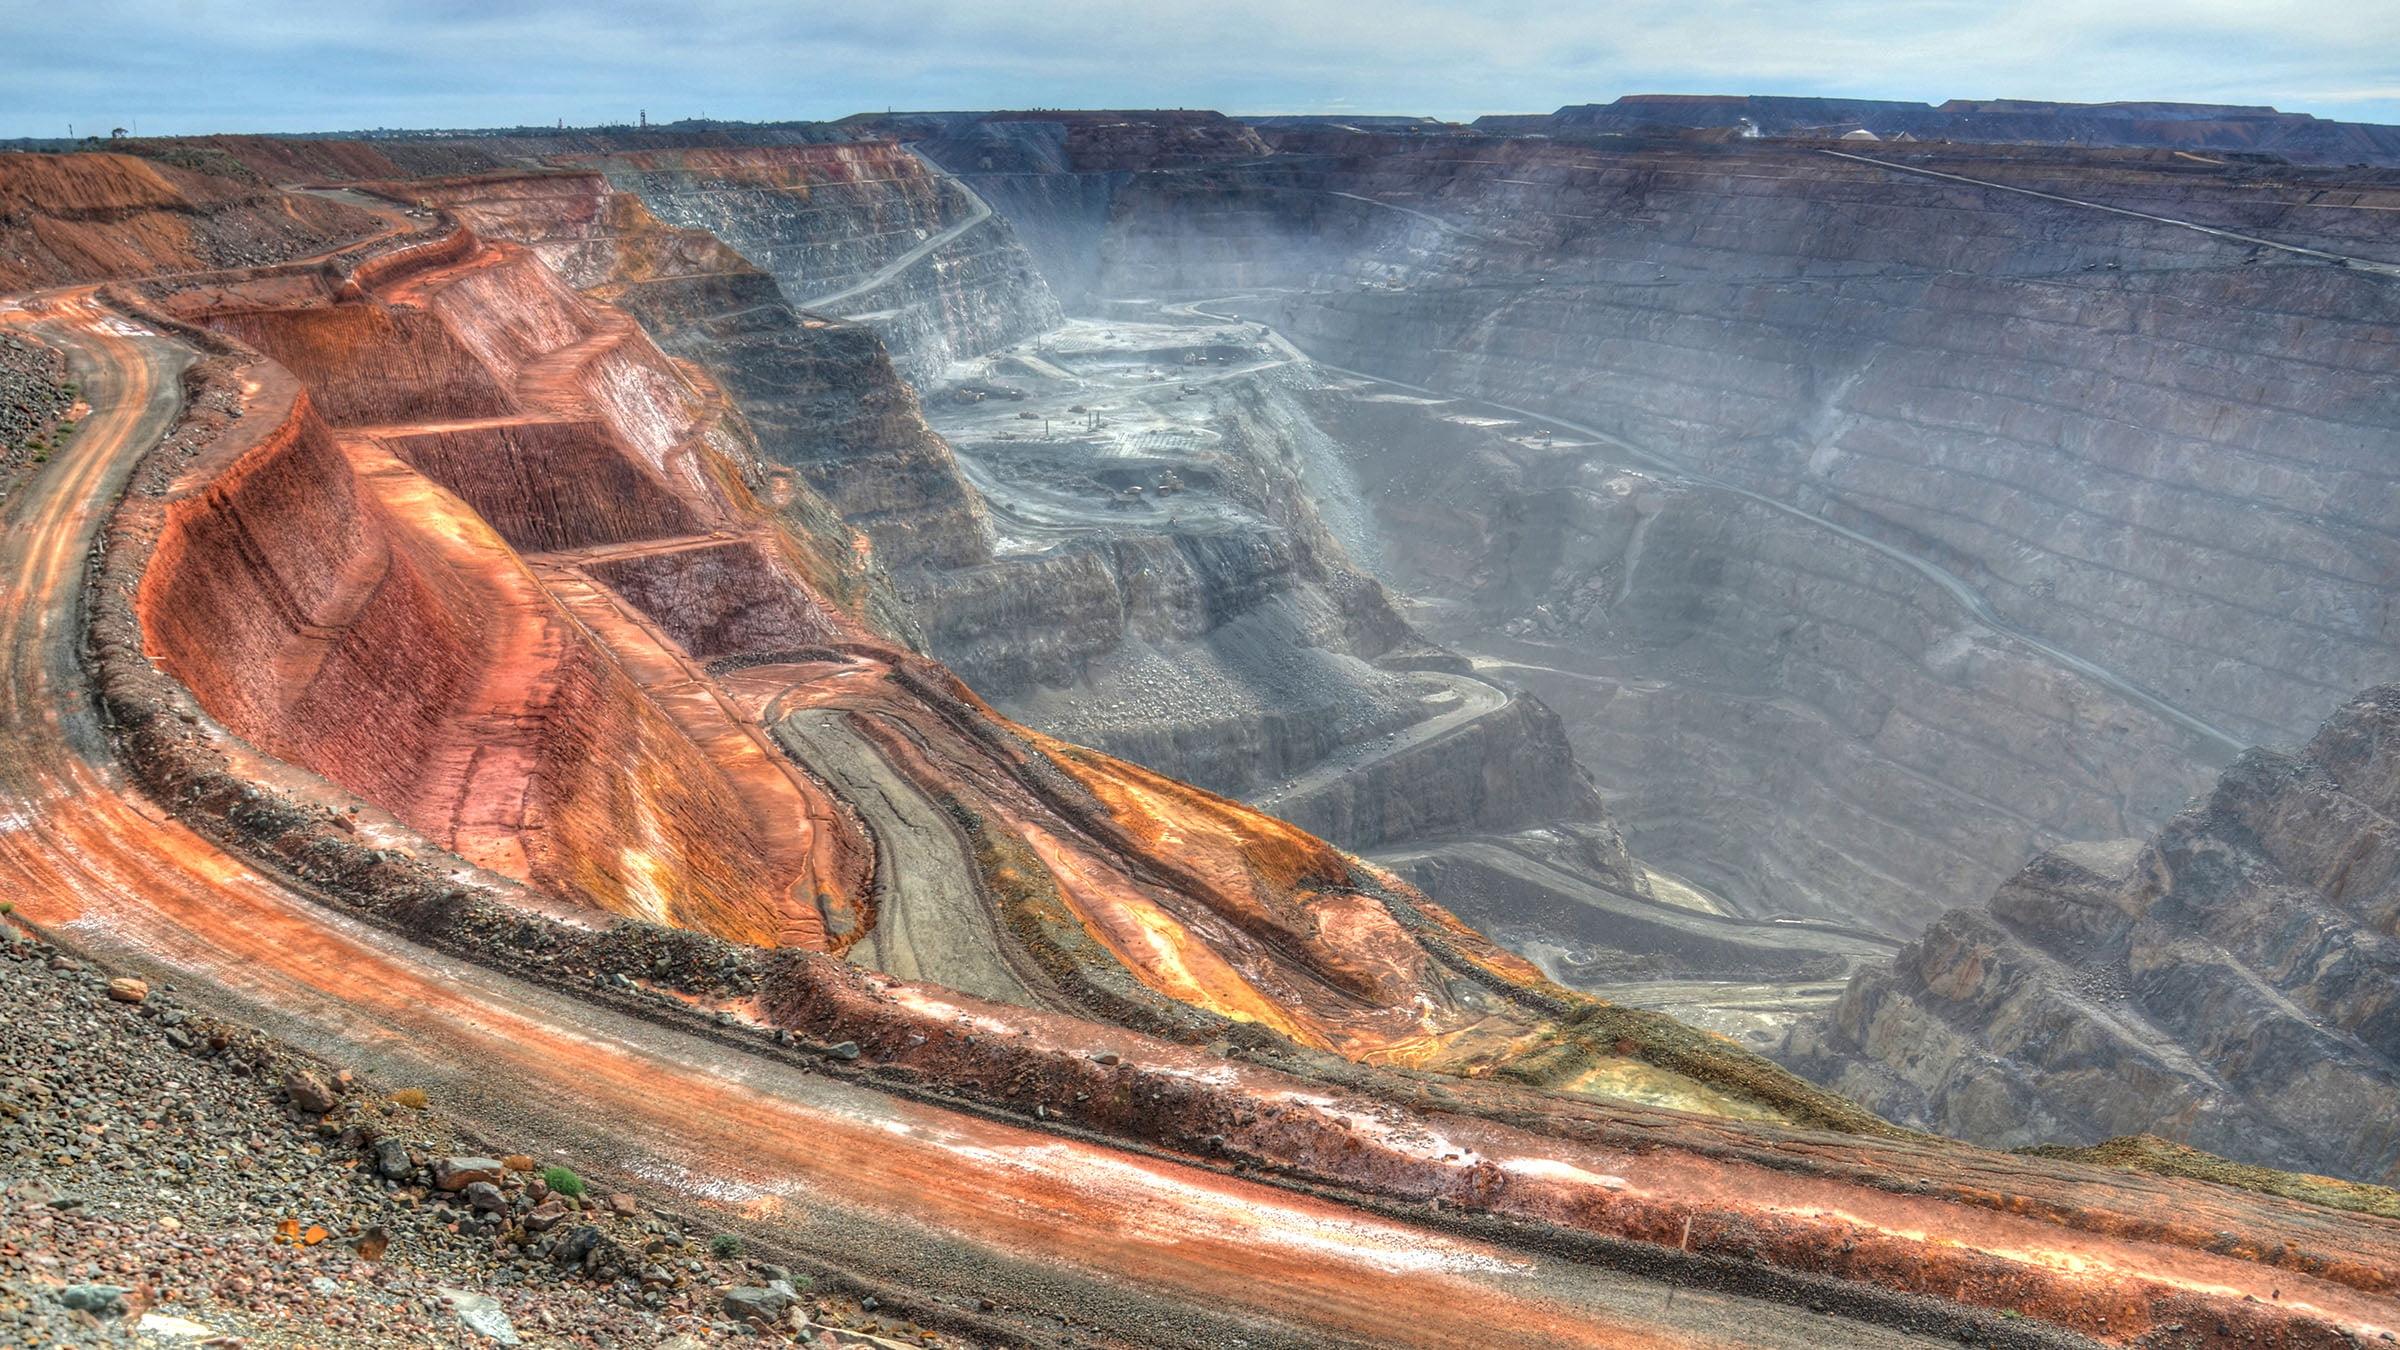 La mina en Kalgoorlie, una mina de oro en Australia.